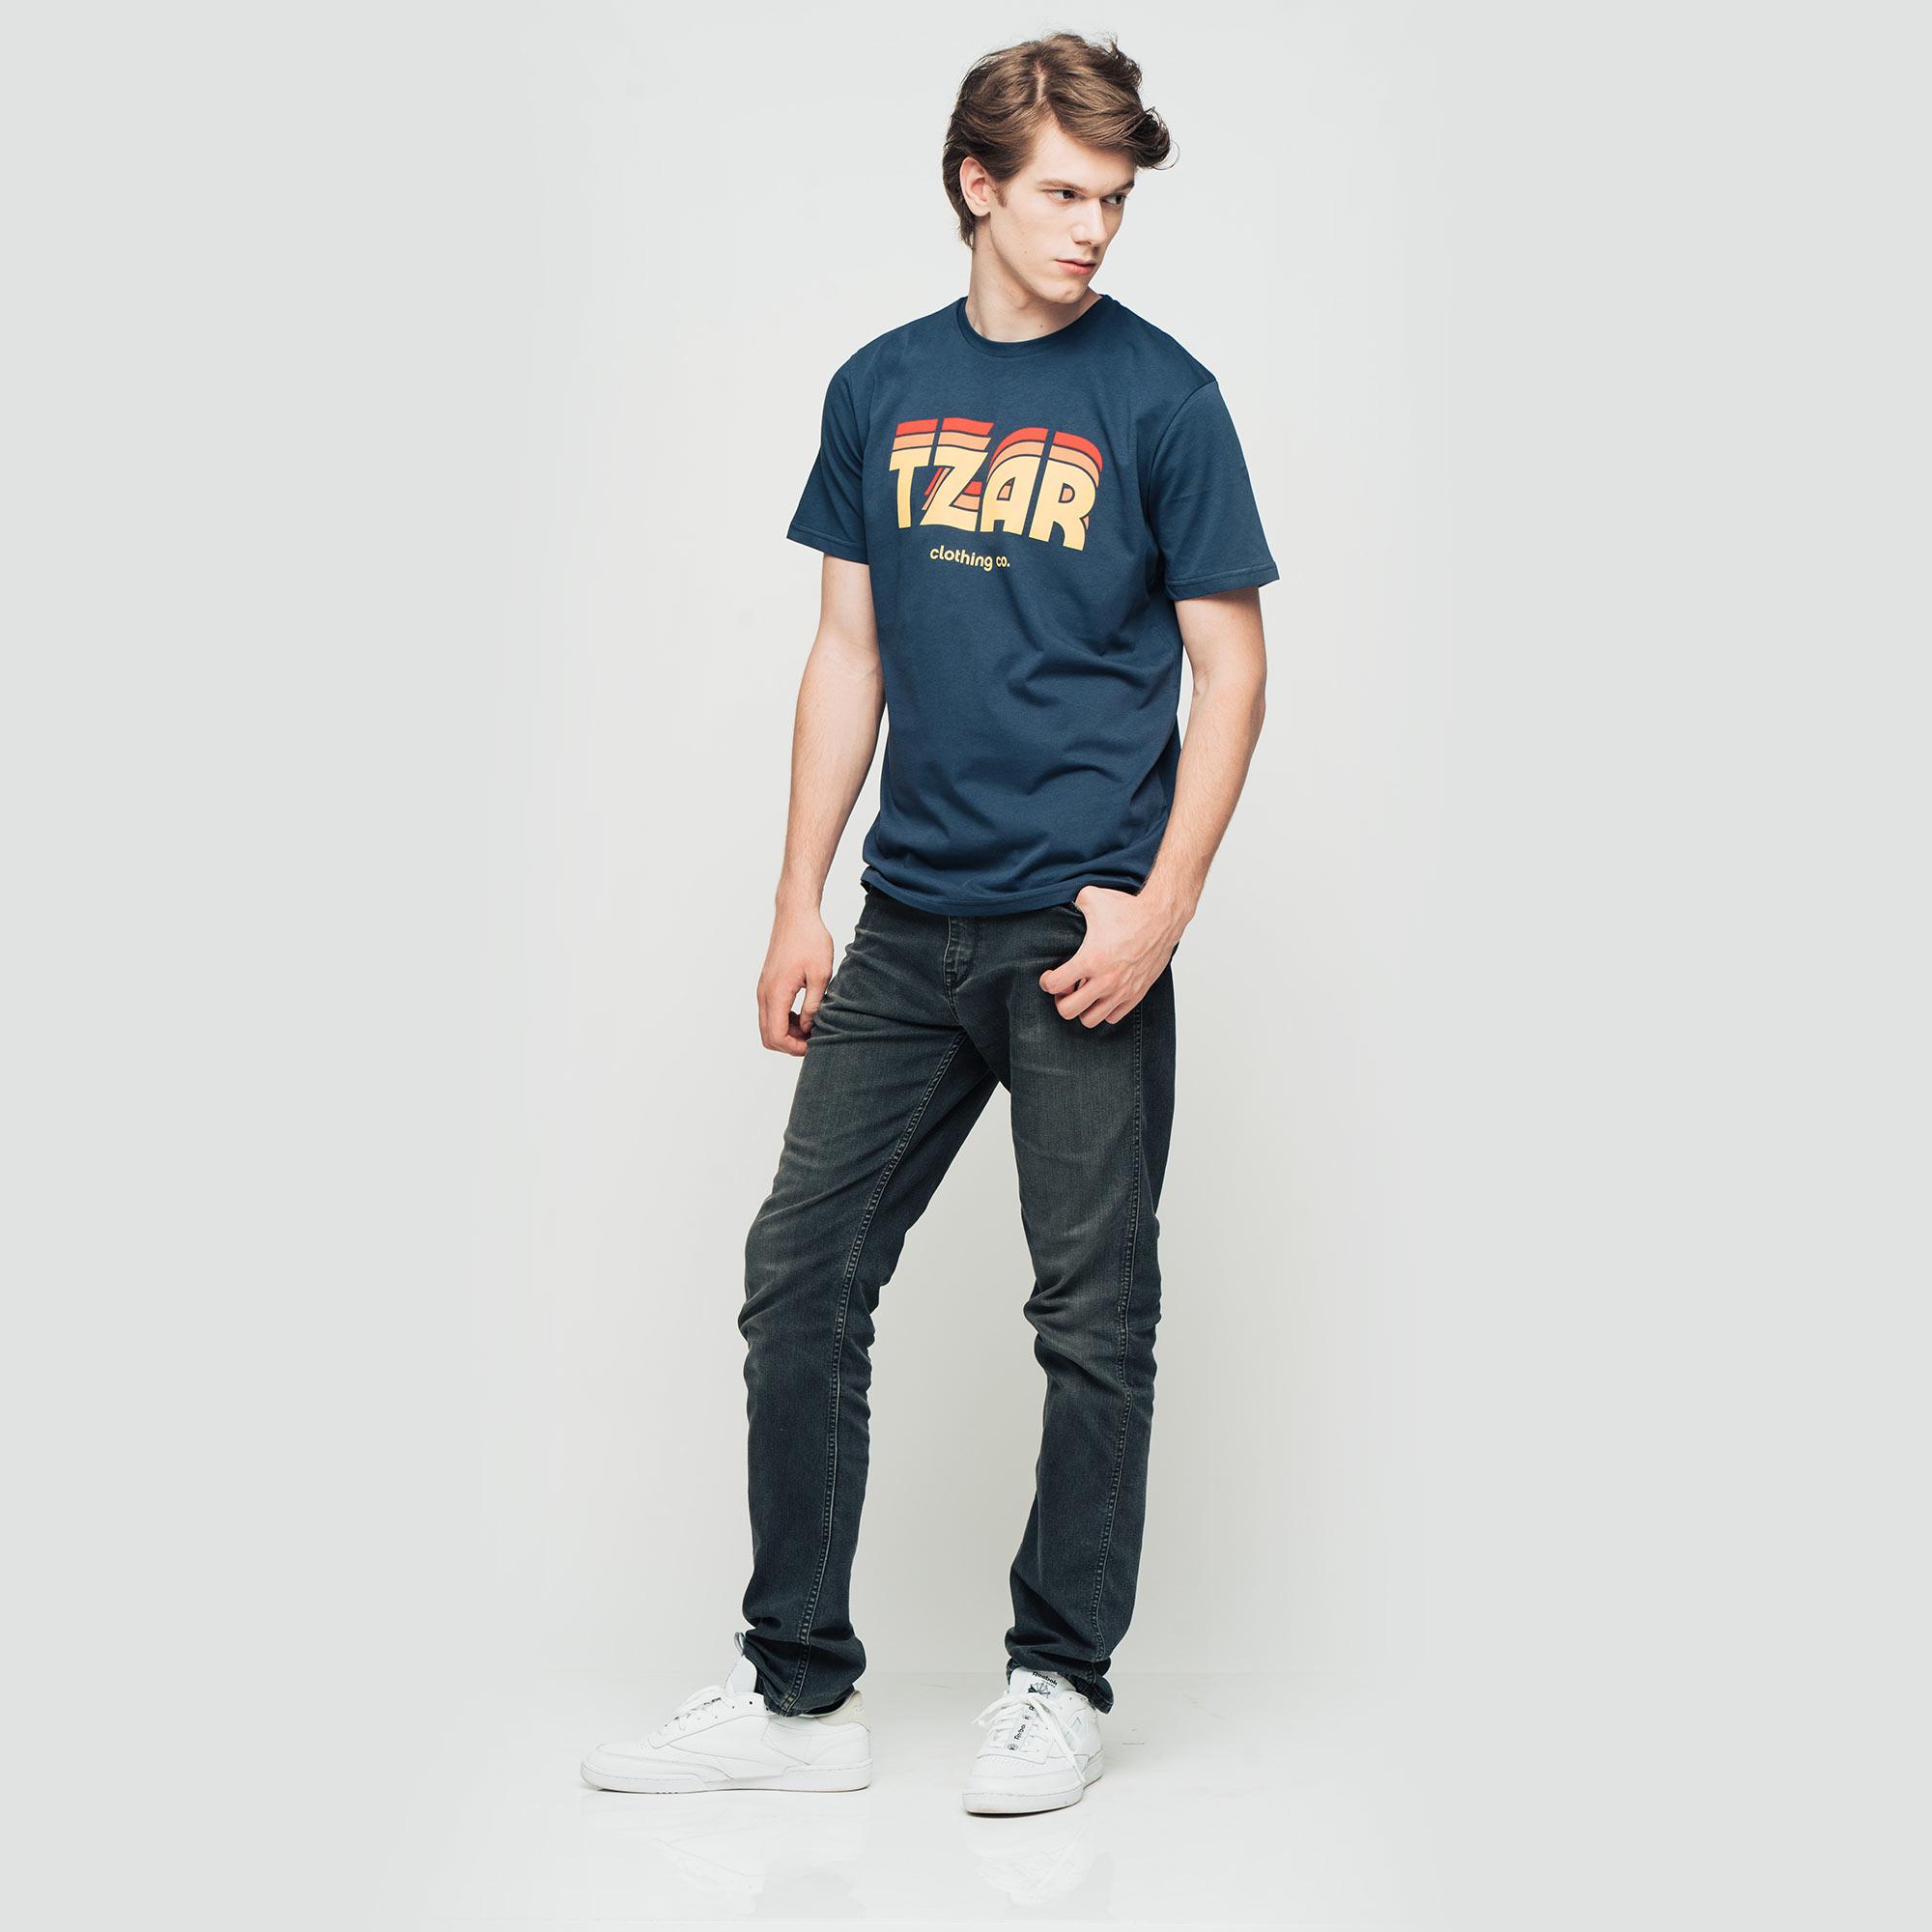 b1c94af67 Marvin, t-shirt - DechkoTzar